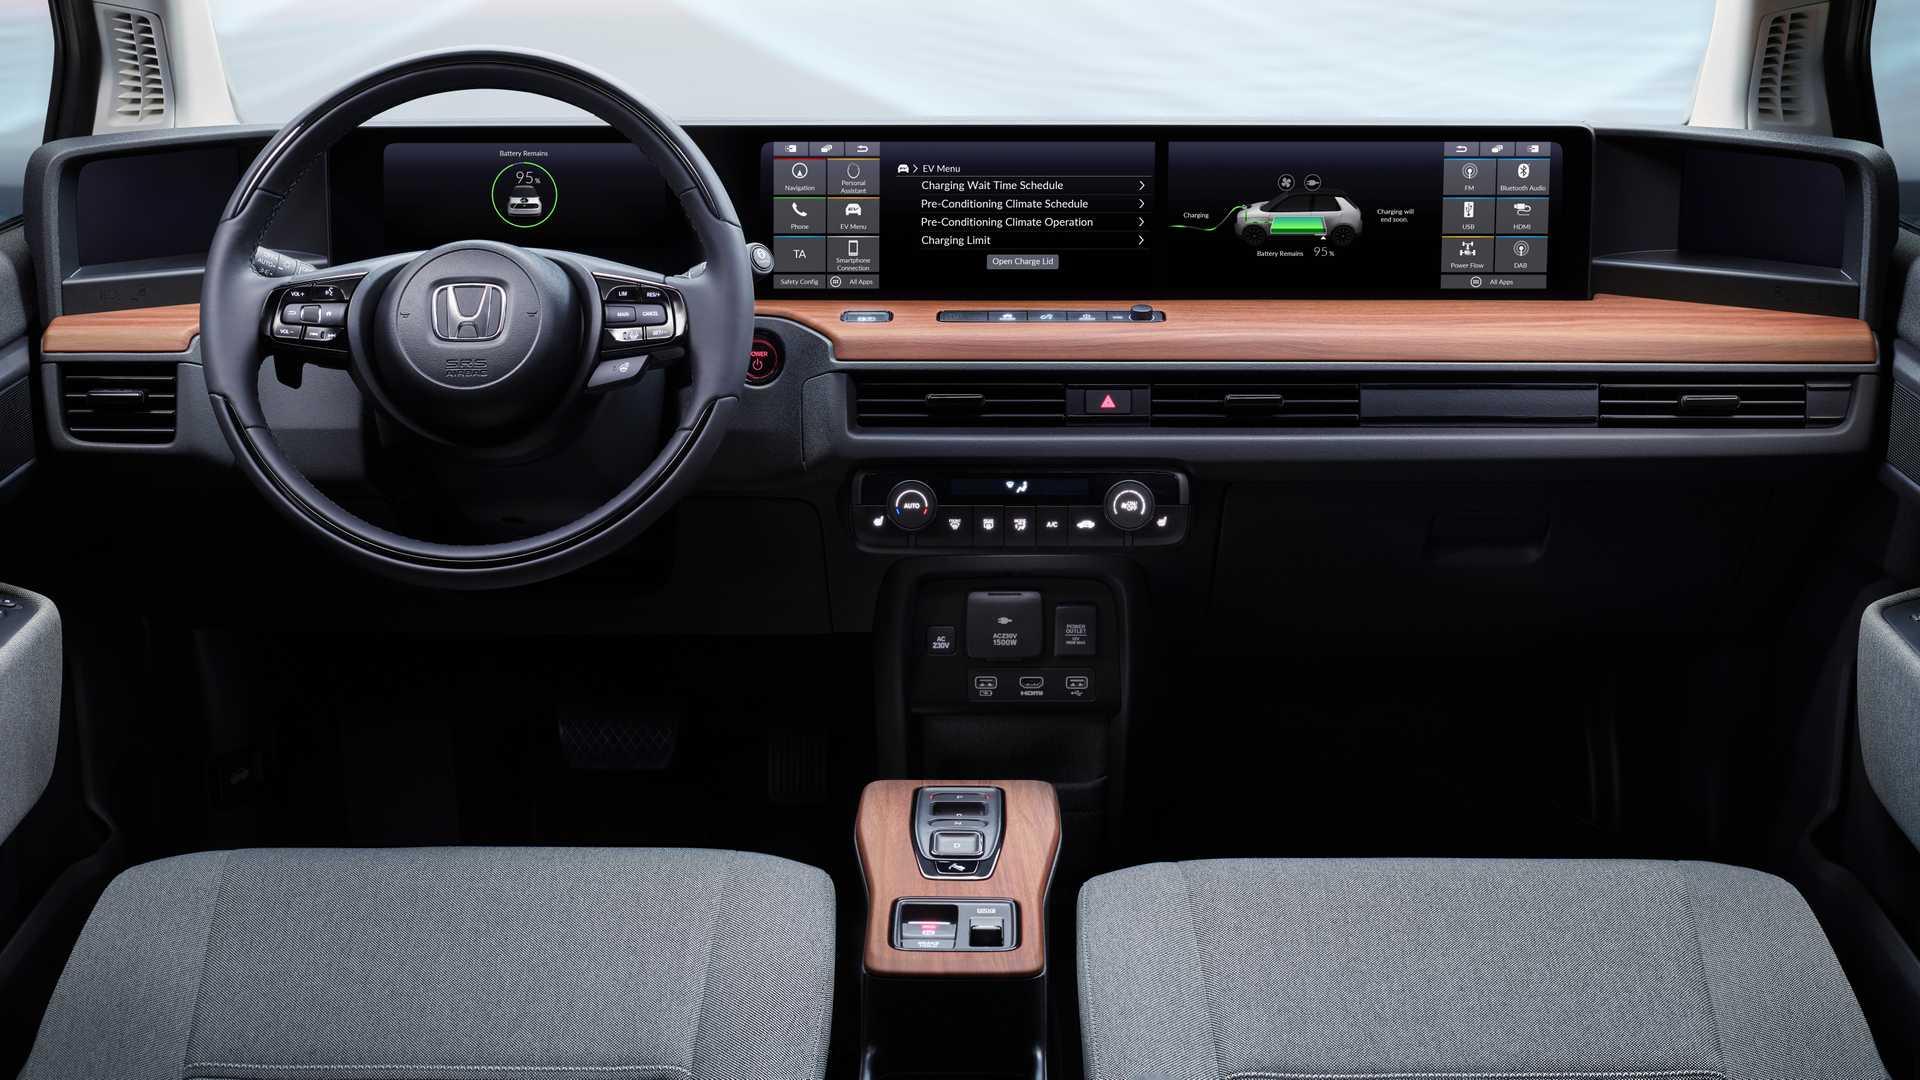 Honda открыла прием предзаказов на первый электрокар 2